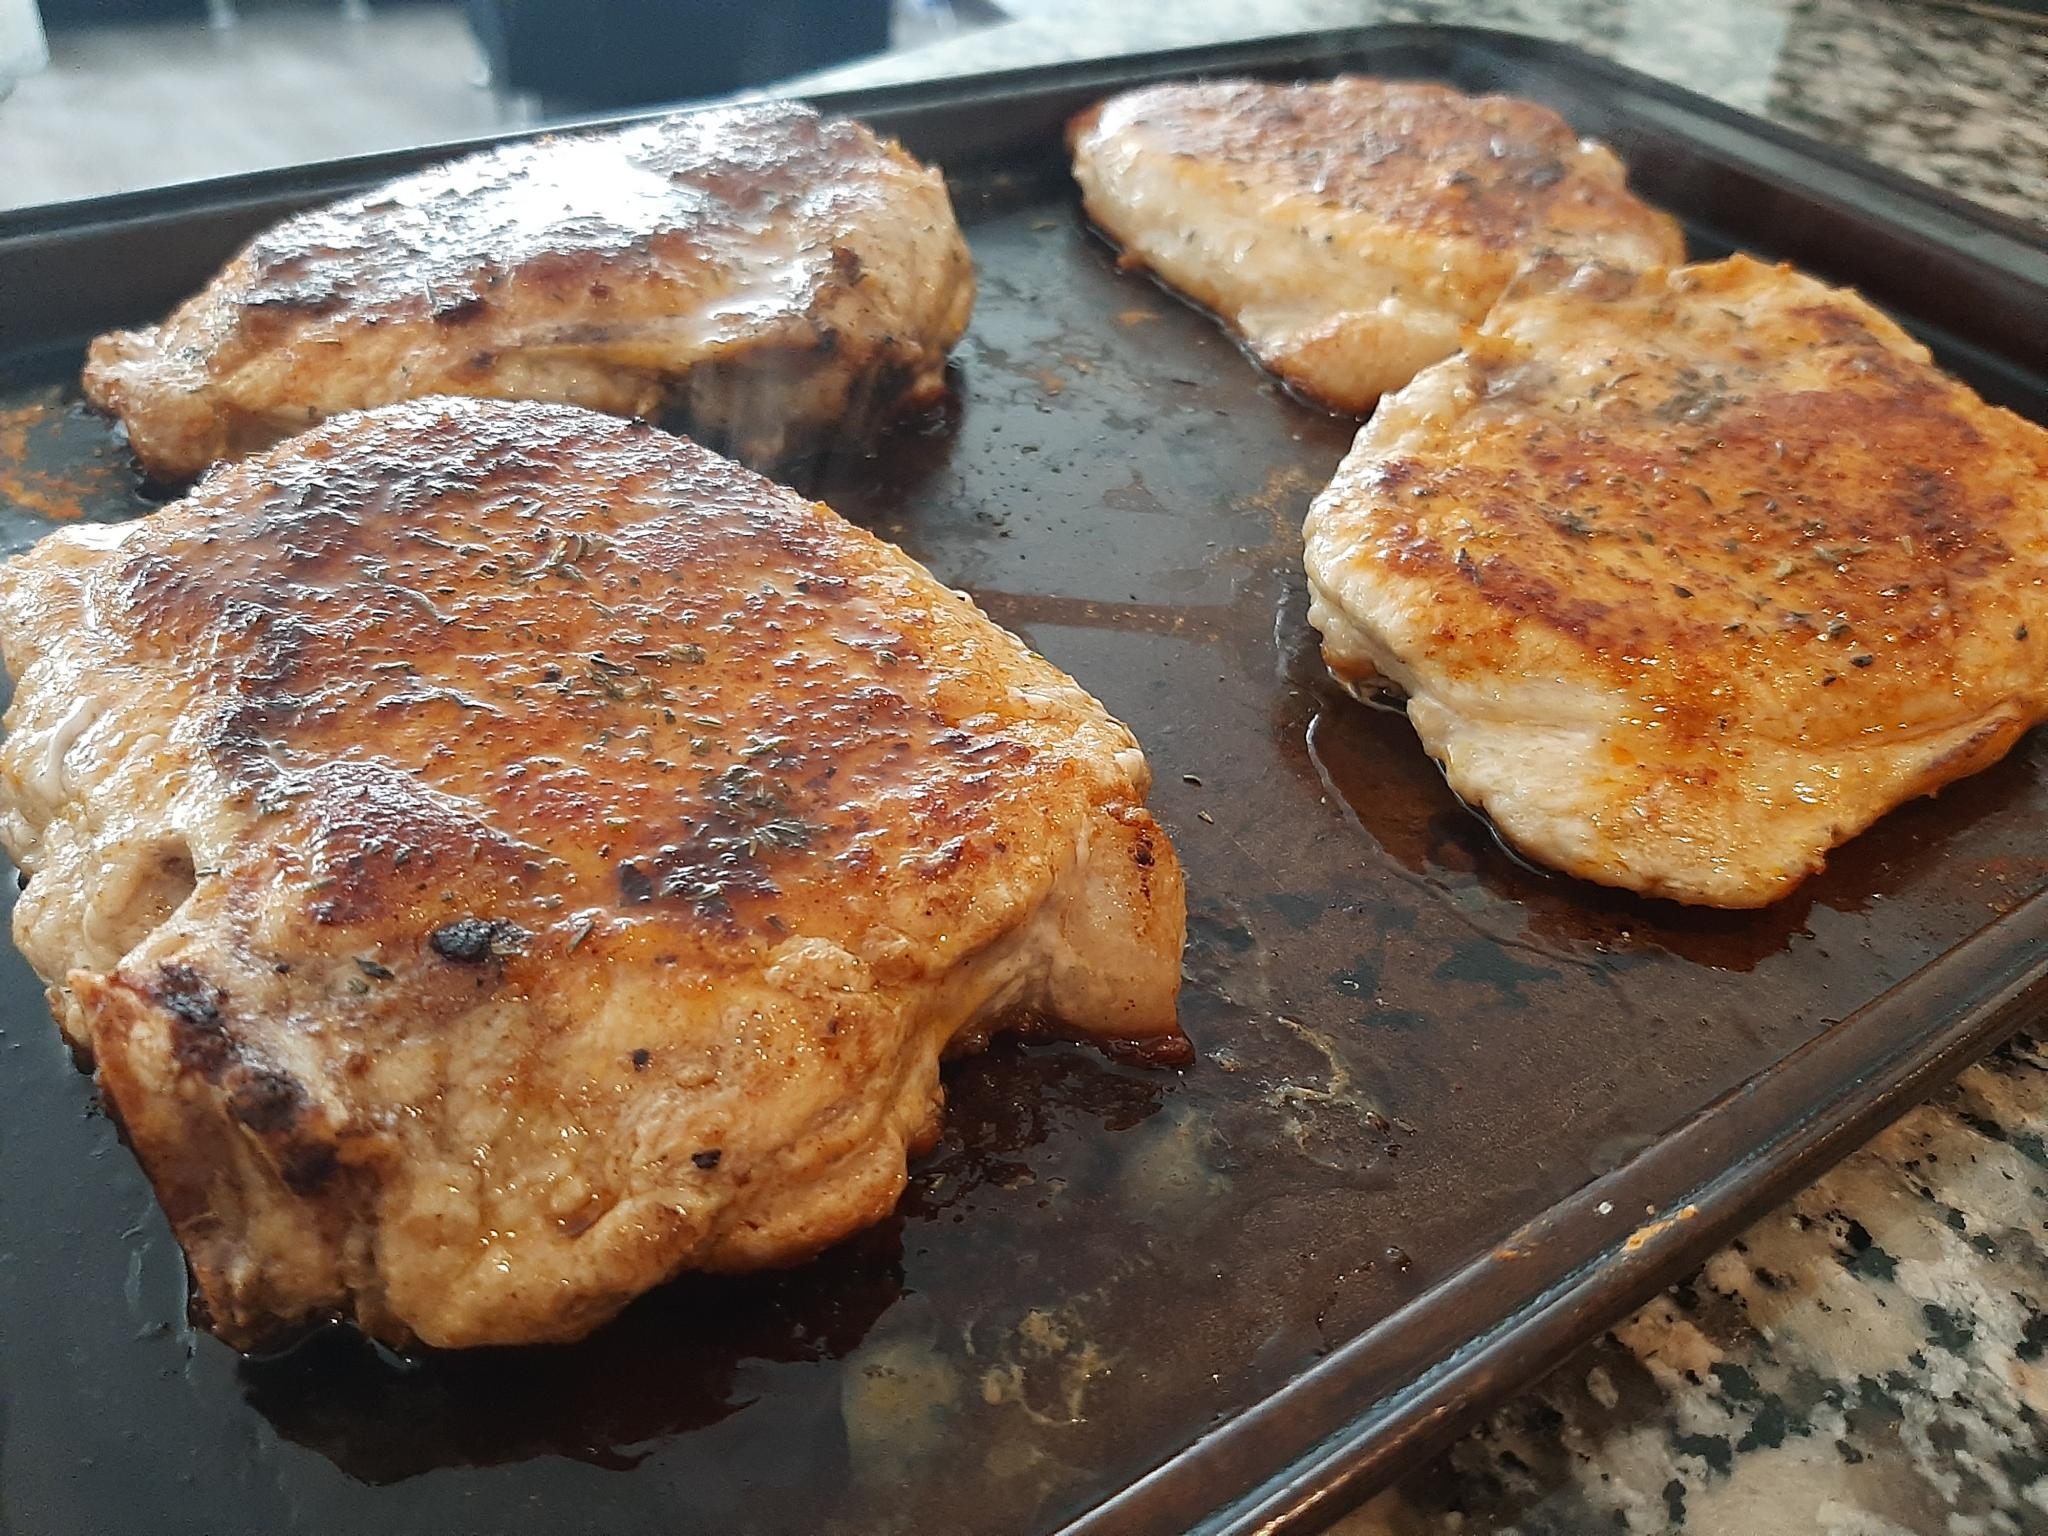 Dinner-pork-chops-jpg